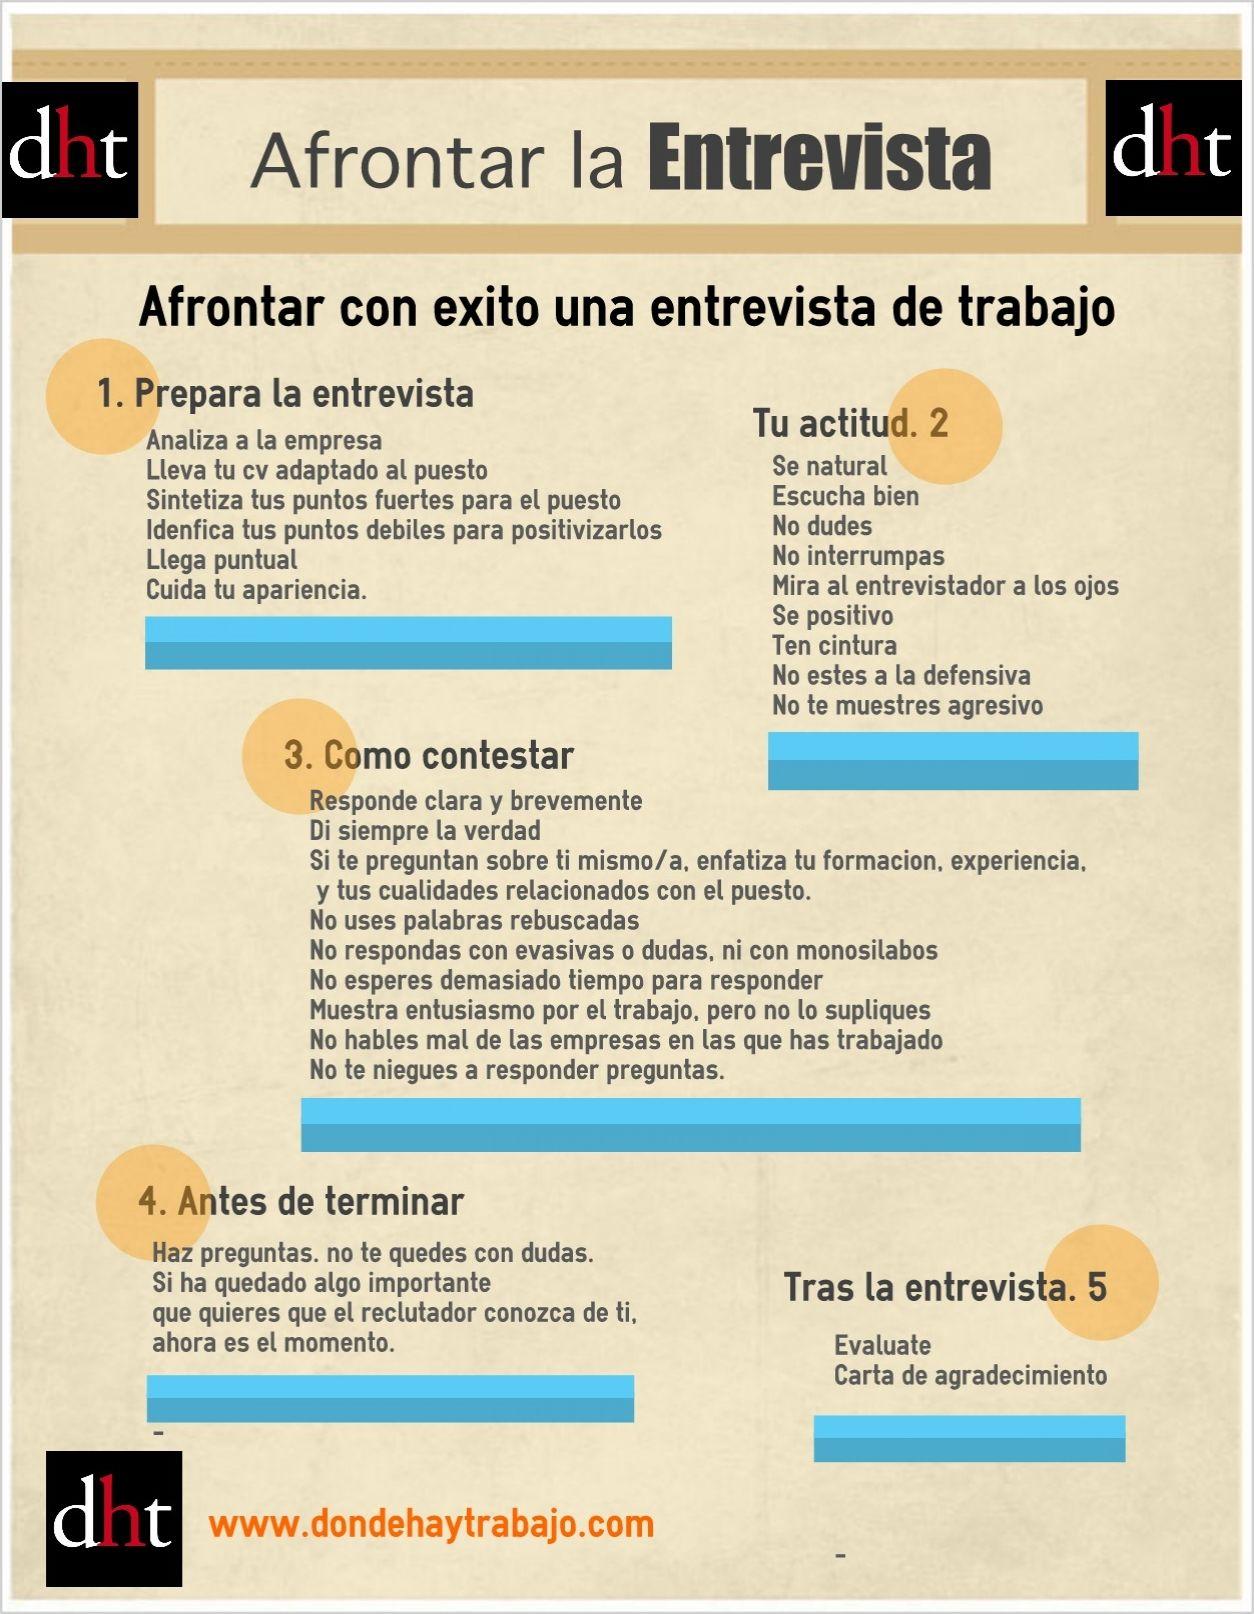 Cómo afrontar con éxito una entrevista de trabajo. #Infografía #OrientaciónLaboral